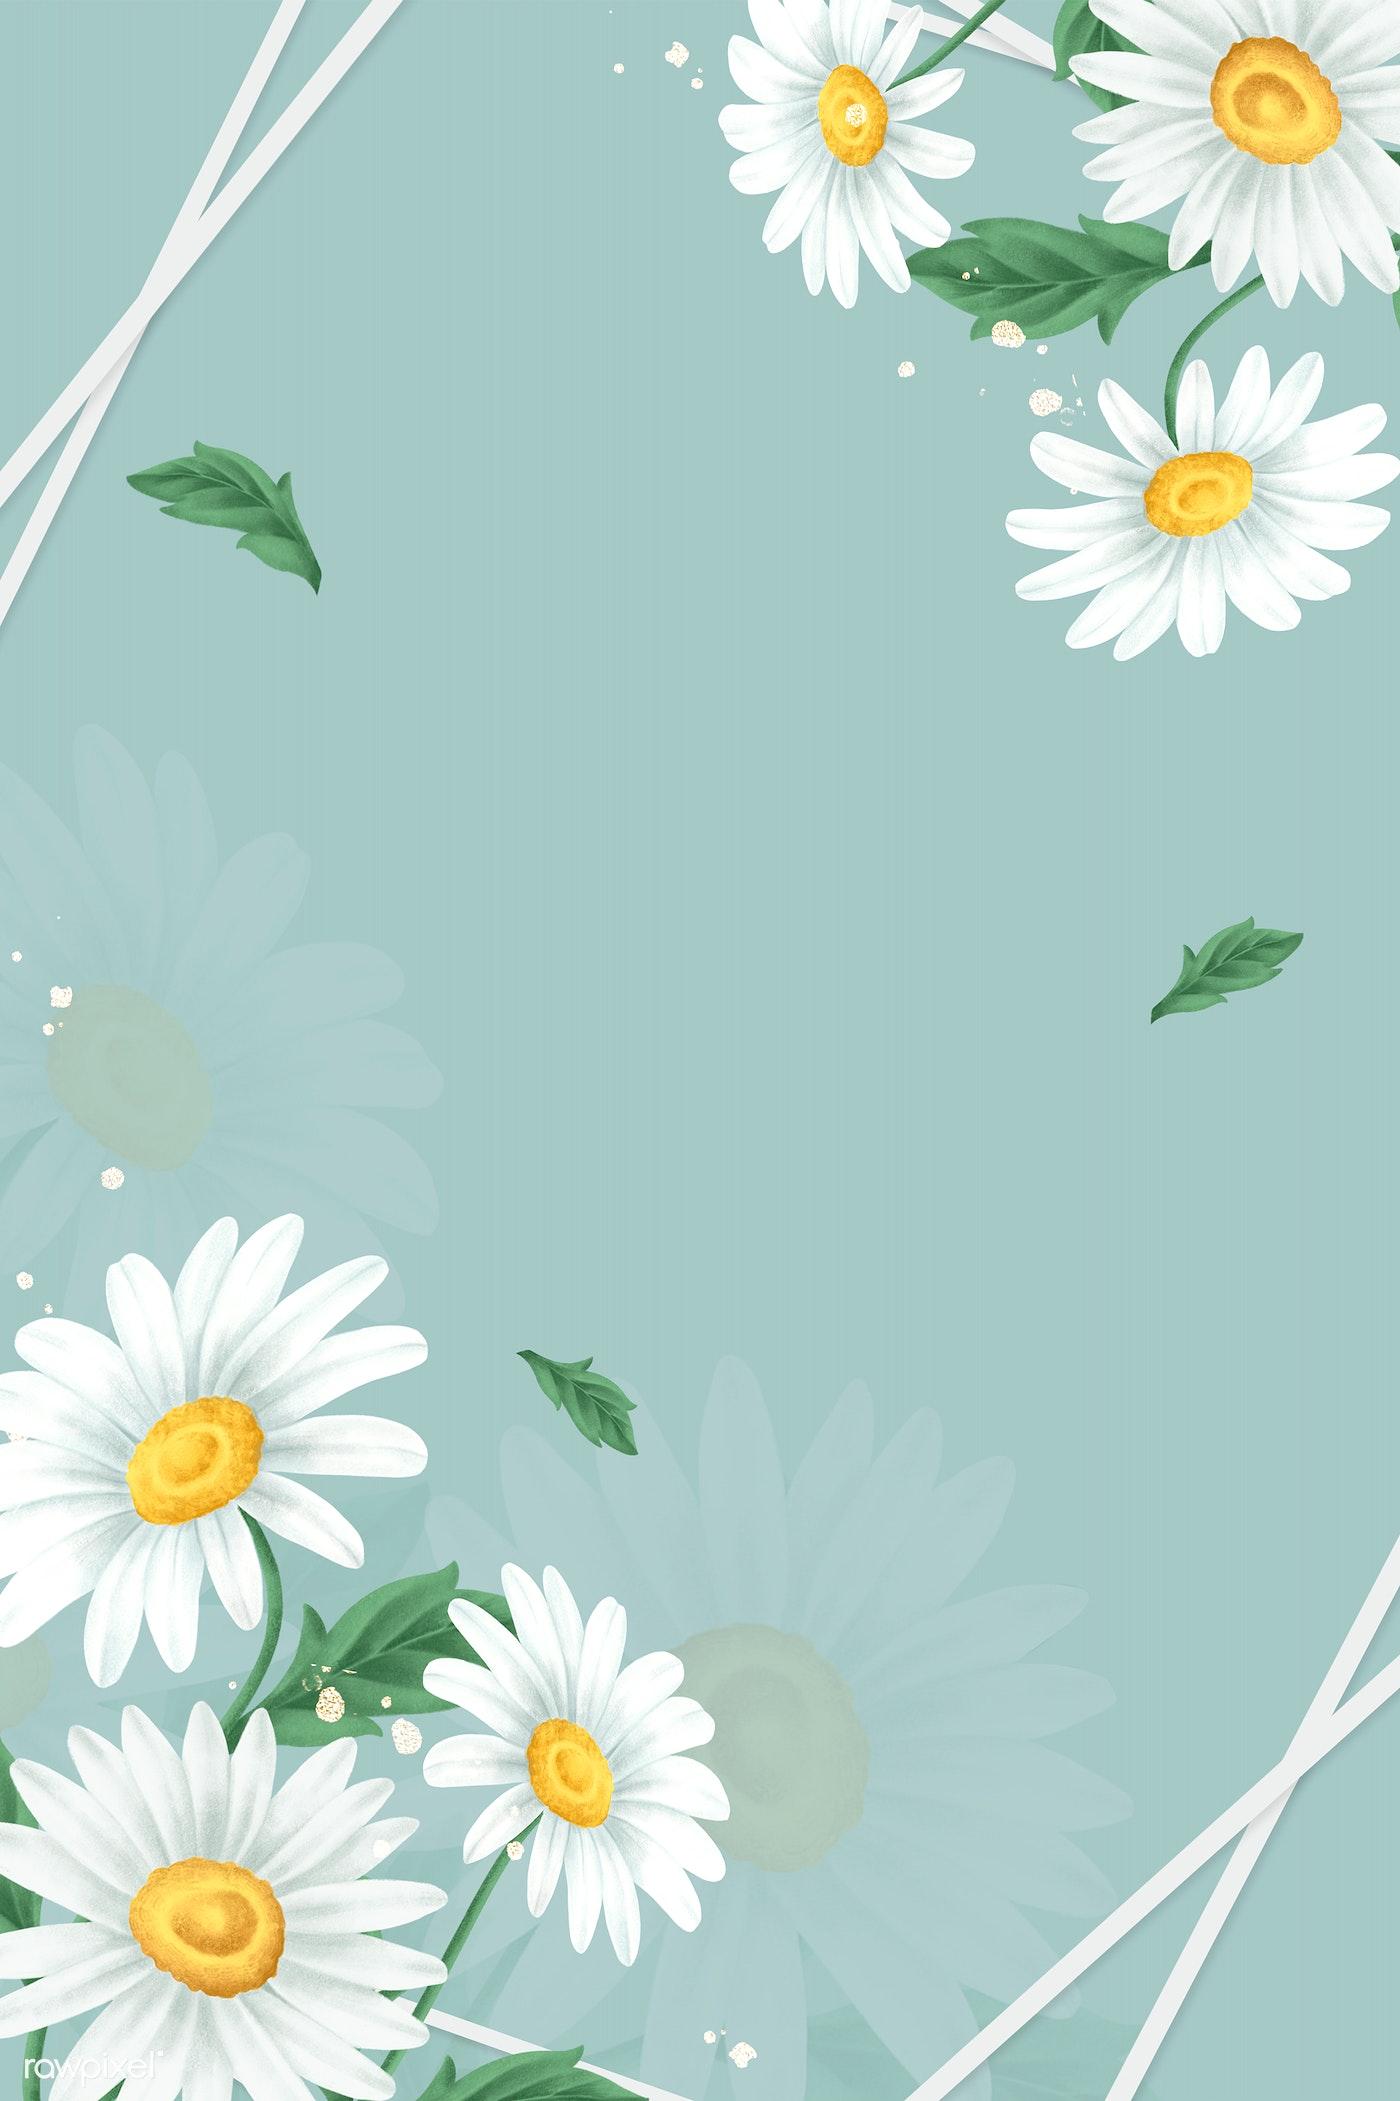 Blank Floral Frame Royalty Free Illustration 2091353